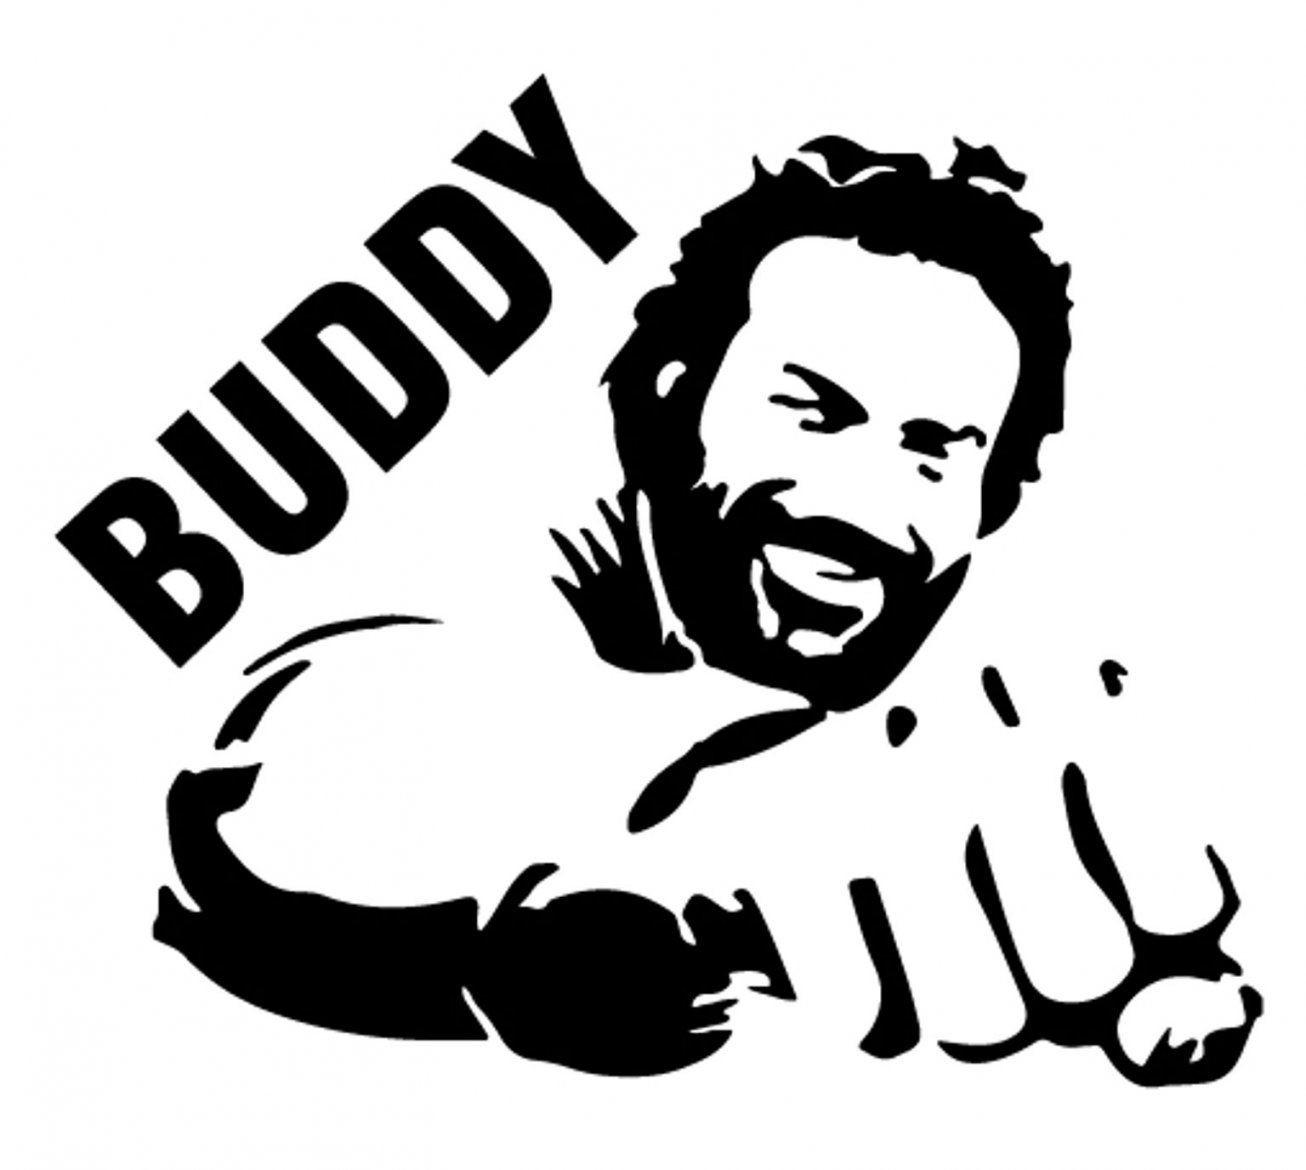 Verhandlungsbasis Bud Spencer Sticker Aufkleber Fürs Auto Wand In von Bud Spencer Schwarz Weiß Bild